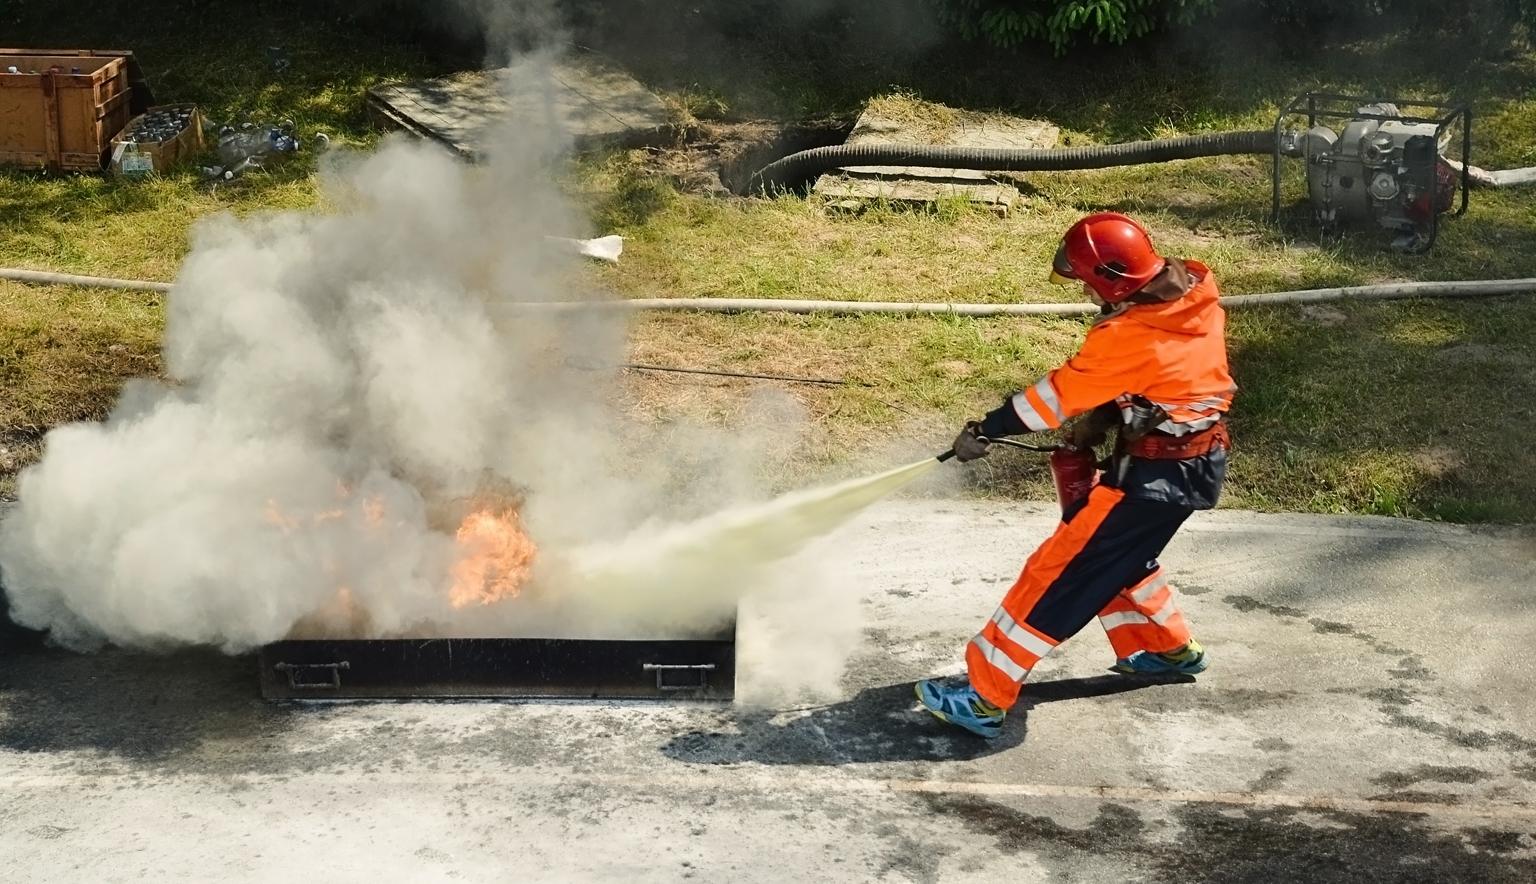 Brandsläckning med skum pågår.